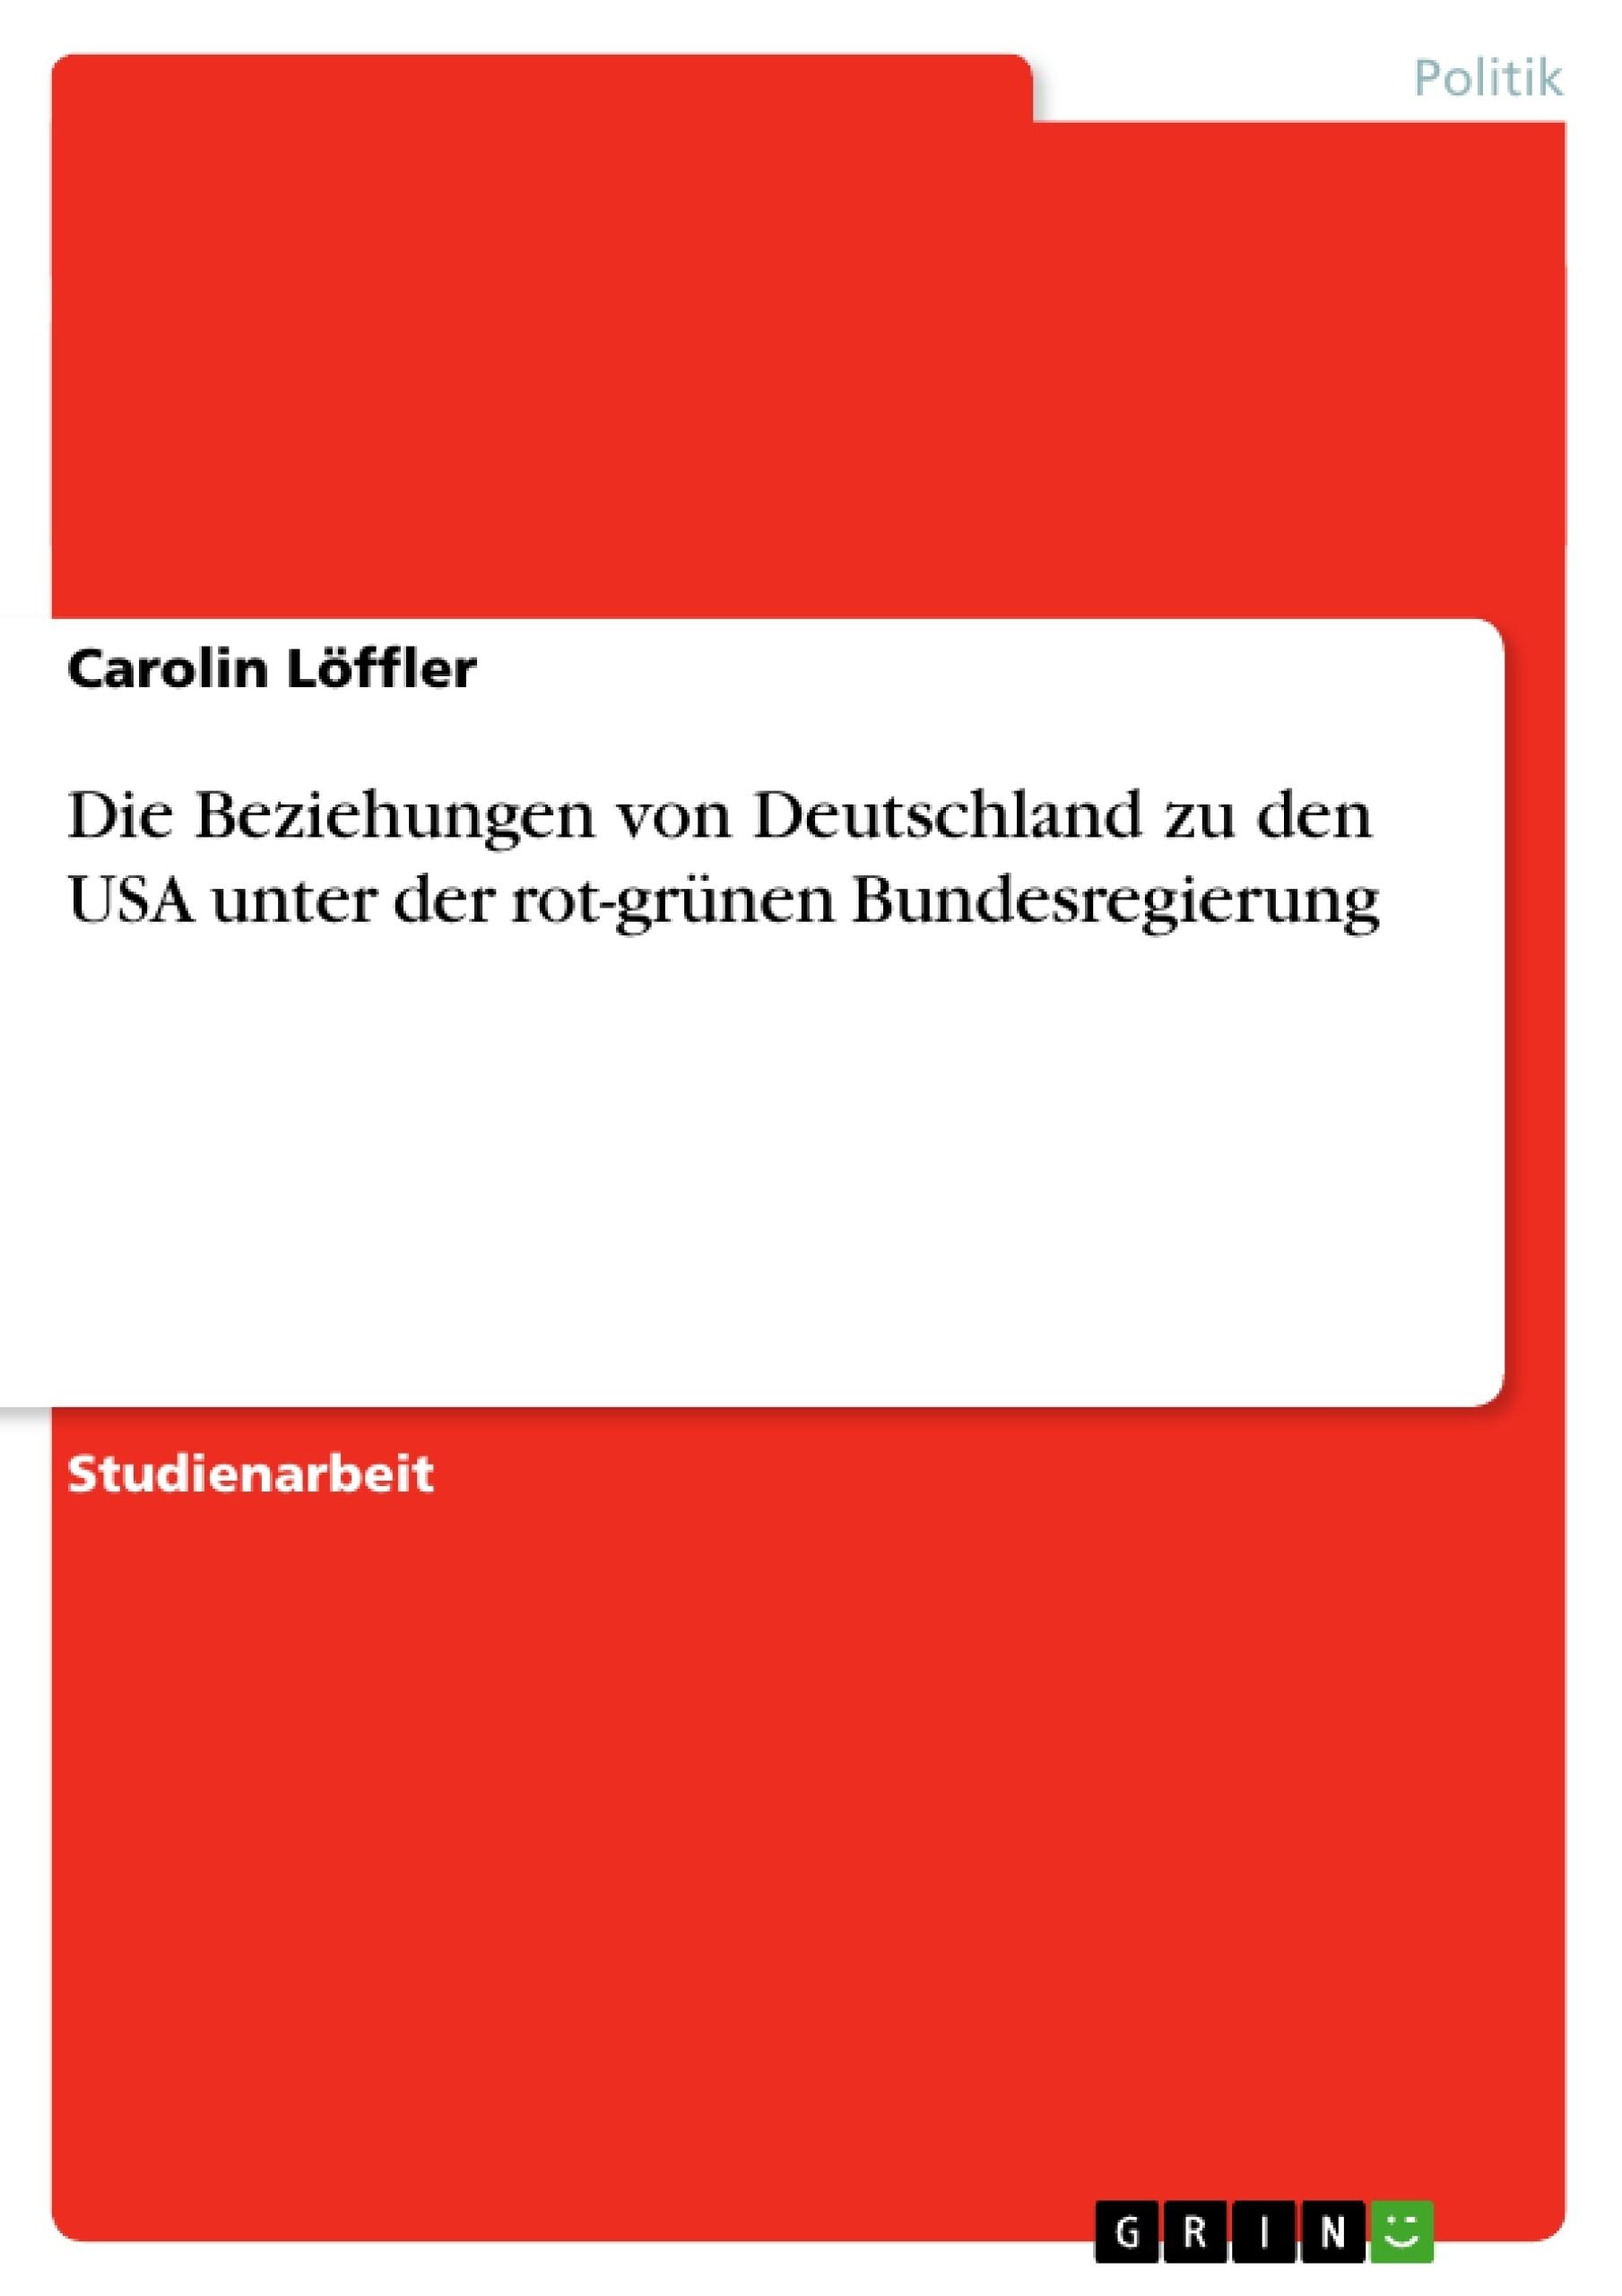 Titel: Die Beziehungen von Deutschland zu den USA unter der rot-grünen Bundesregierung